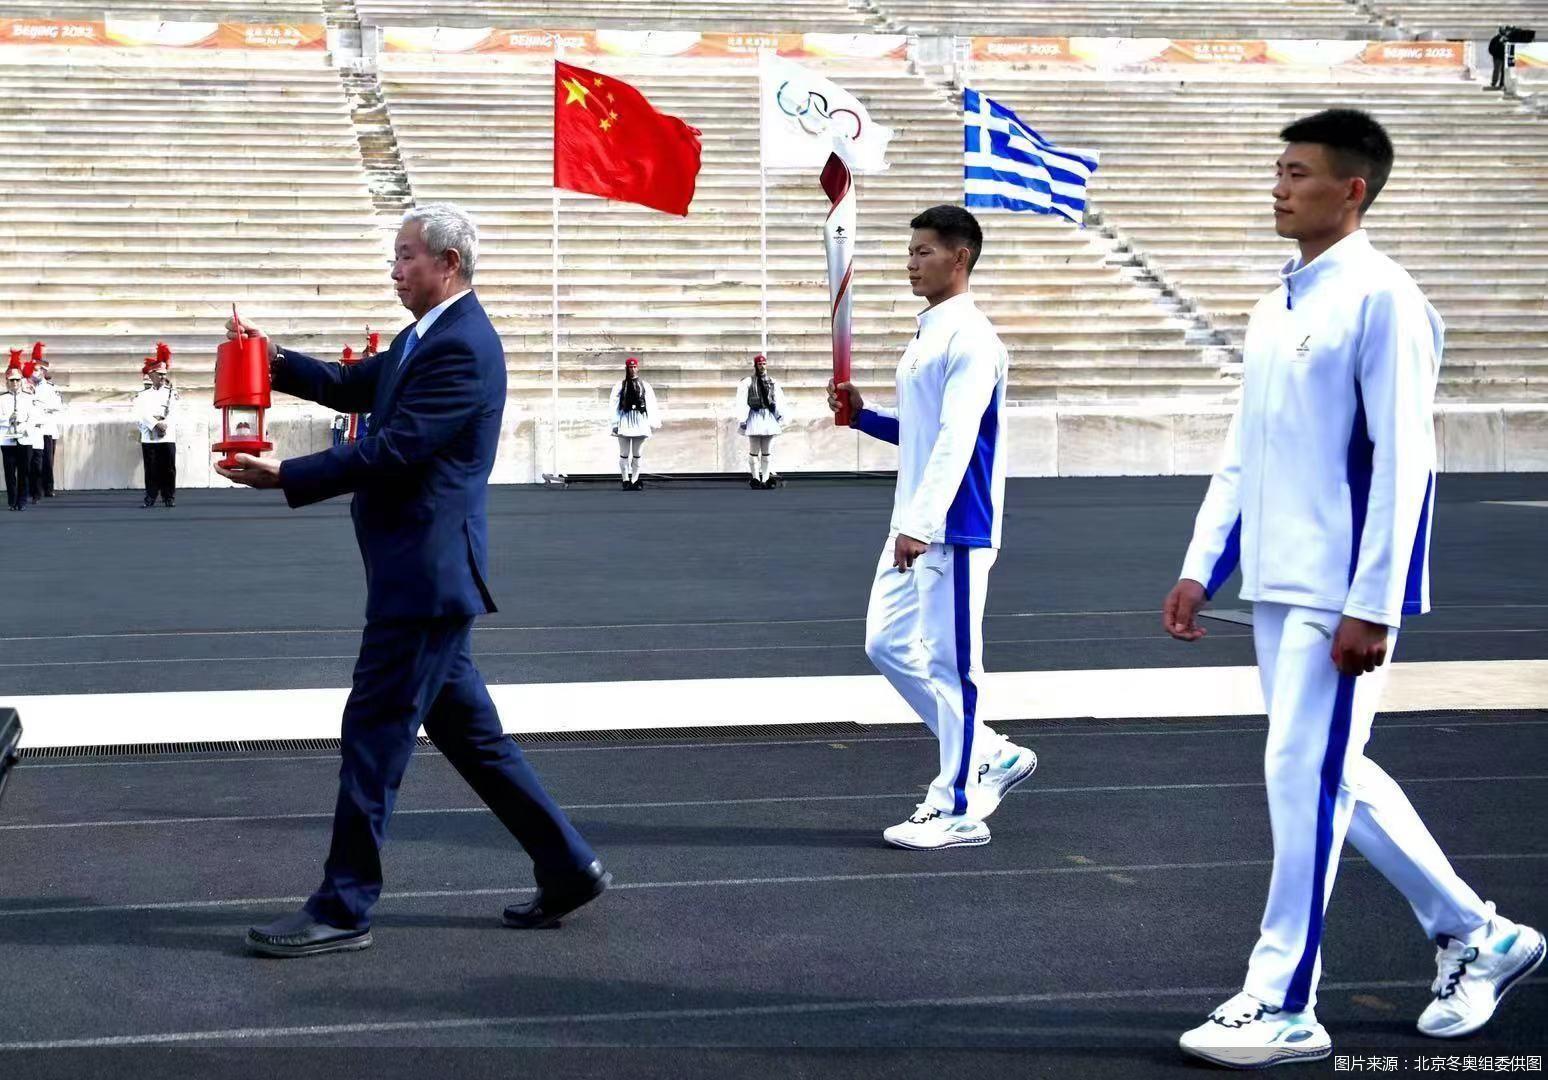 北京冬奥会来了! 火种交接仪式在希腊雅典成功举行